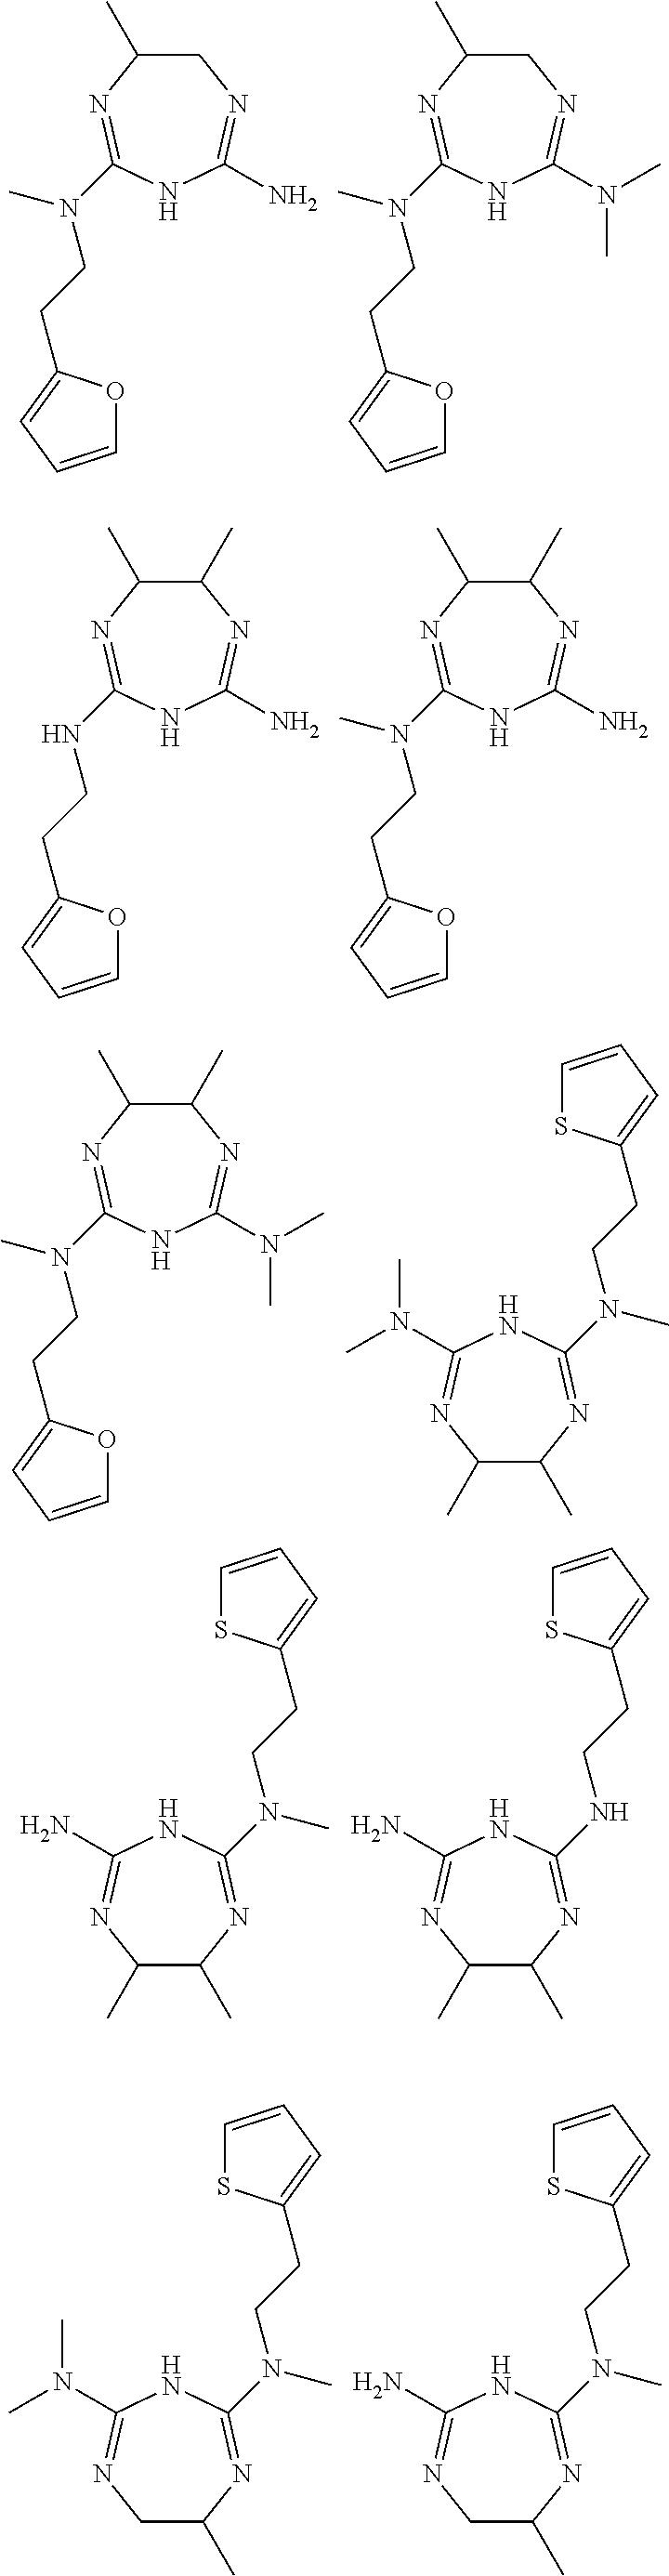 Figure US09480663-20161101-C00215